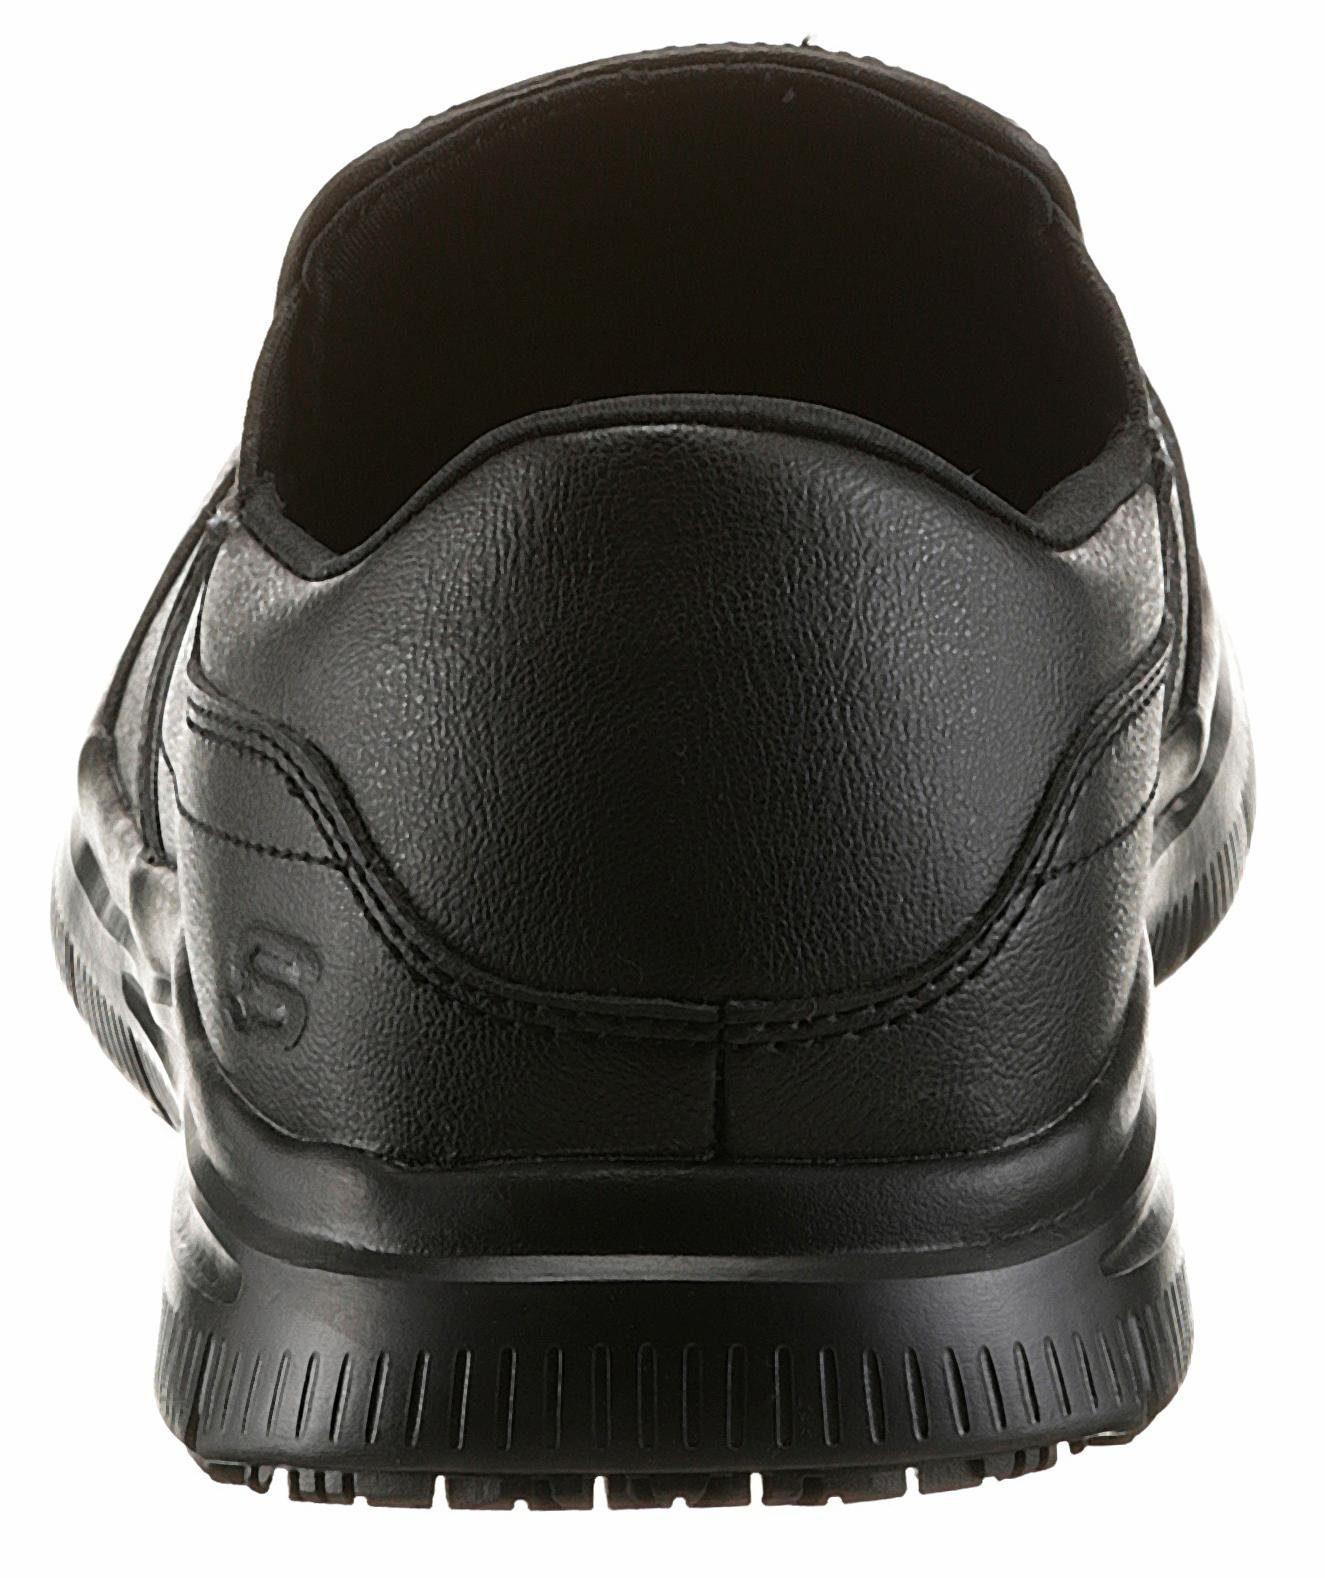 Skechers Arbeitsschuh, mit rutschfester Gummilaufsohle online kaufen  schwarz